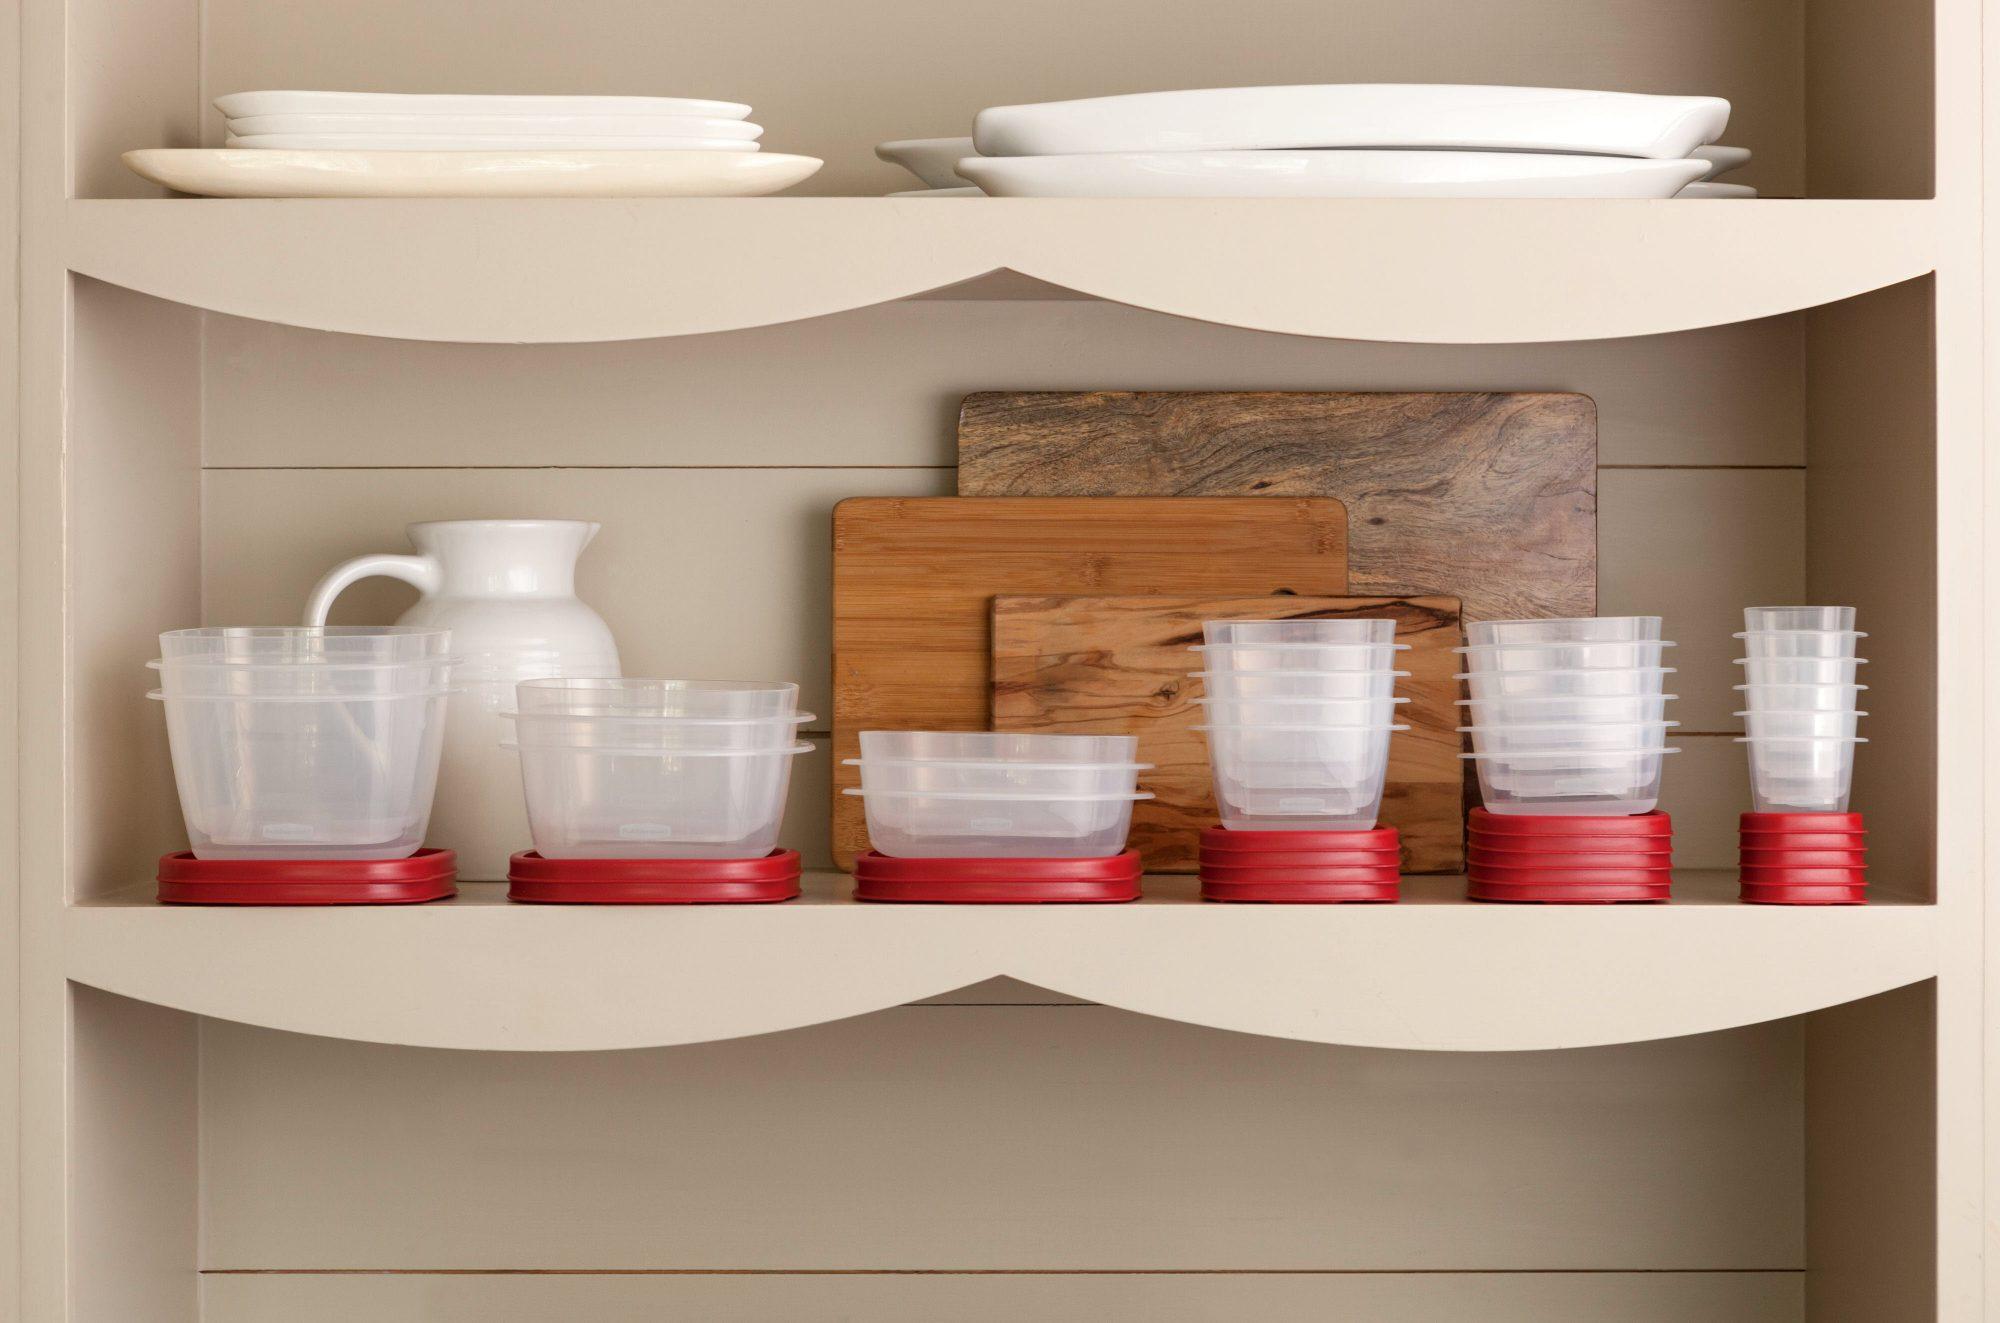 1777169-food-storage-easy-find-lid-40pc-set-pantry-in-use1.jpg